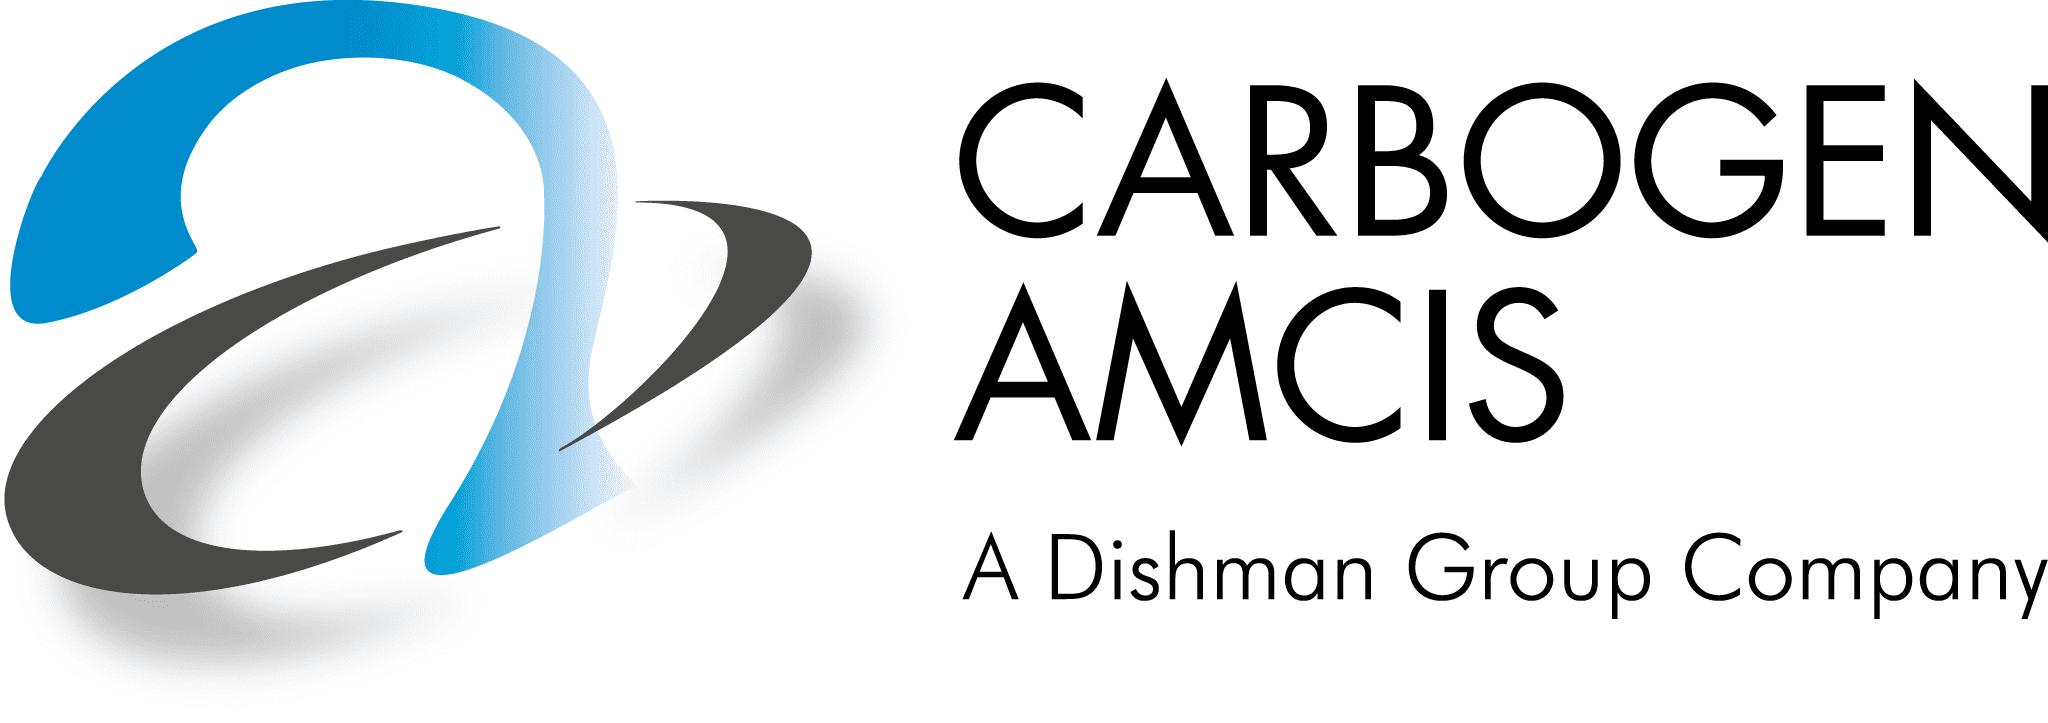 Carbogen-Amcis-Logo